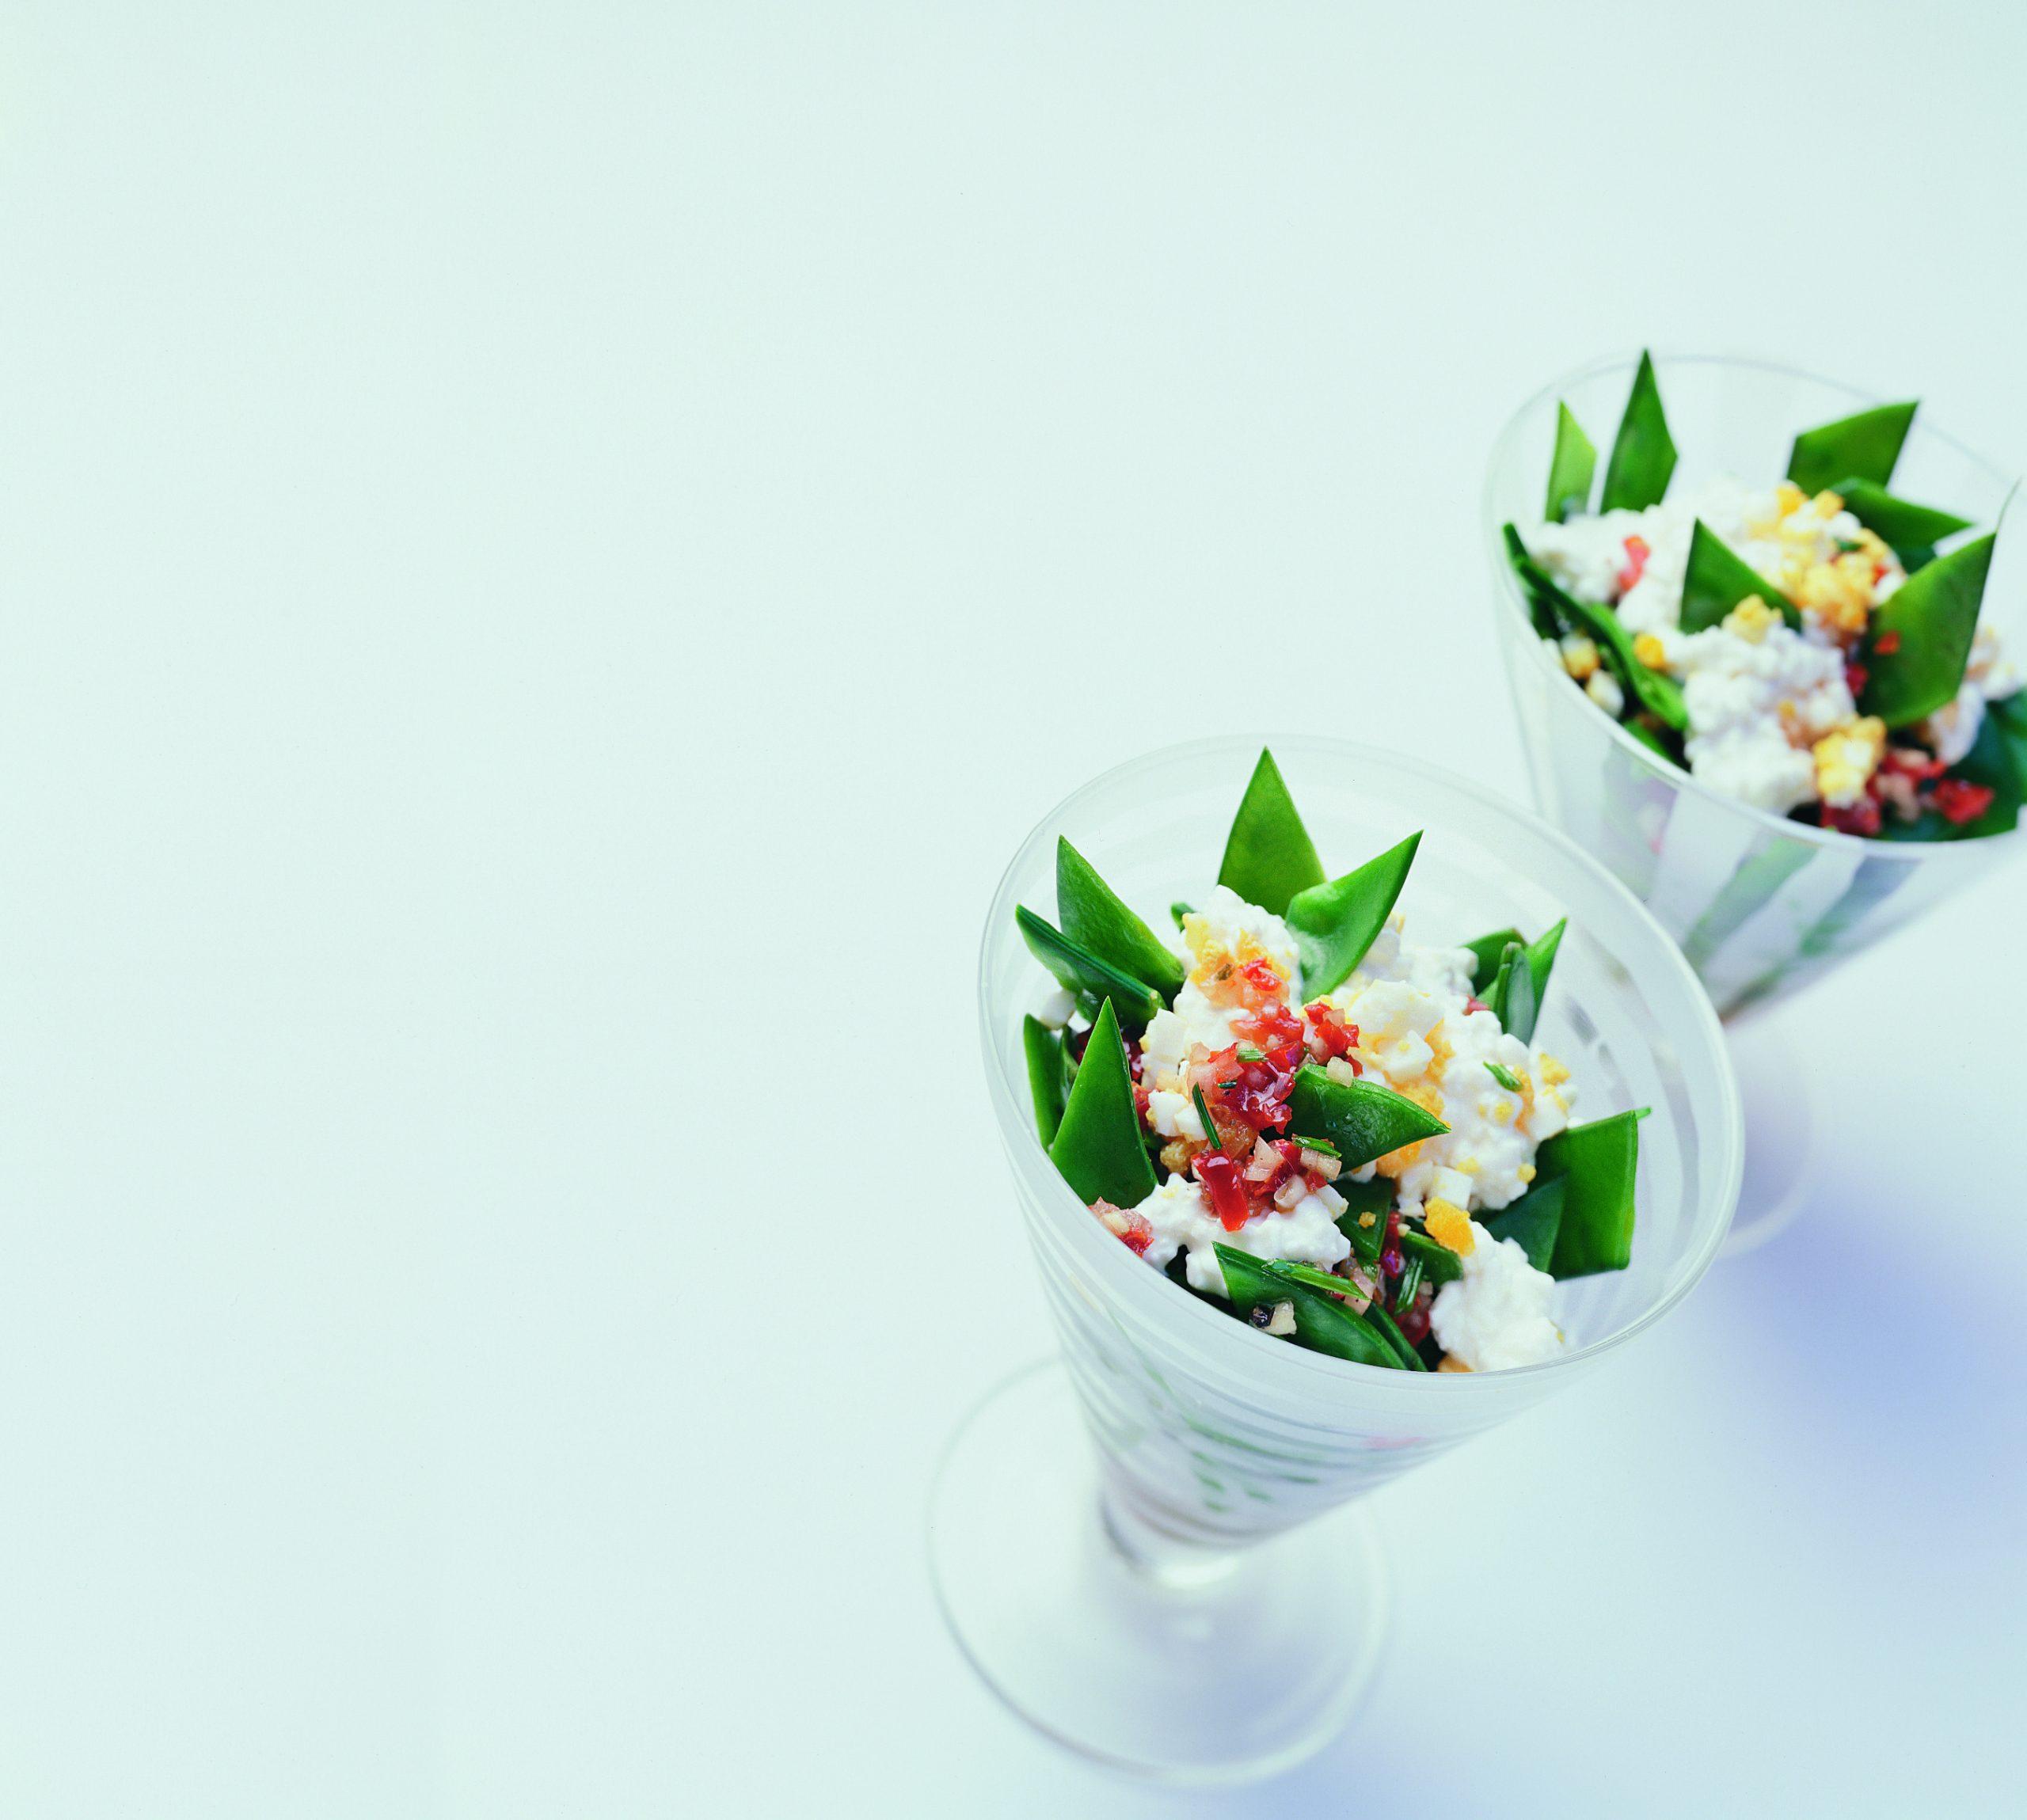 Salade tiède aux pois mange-tout